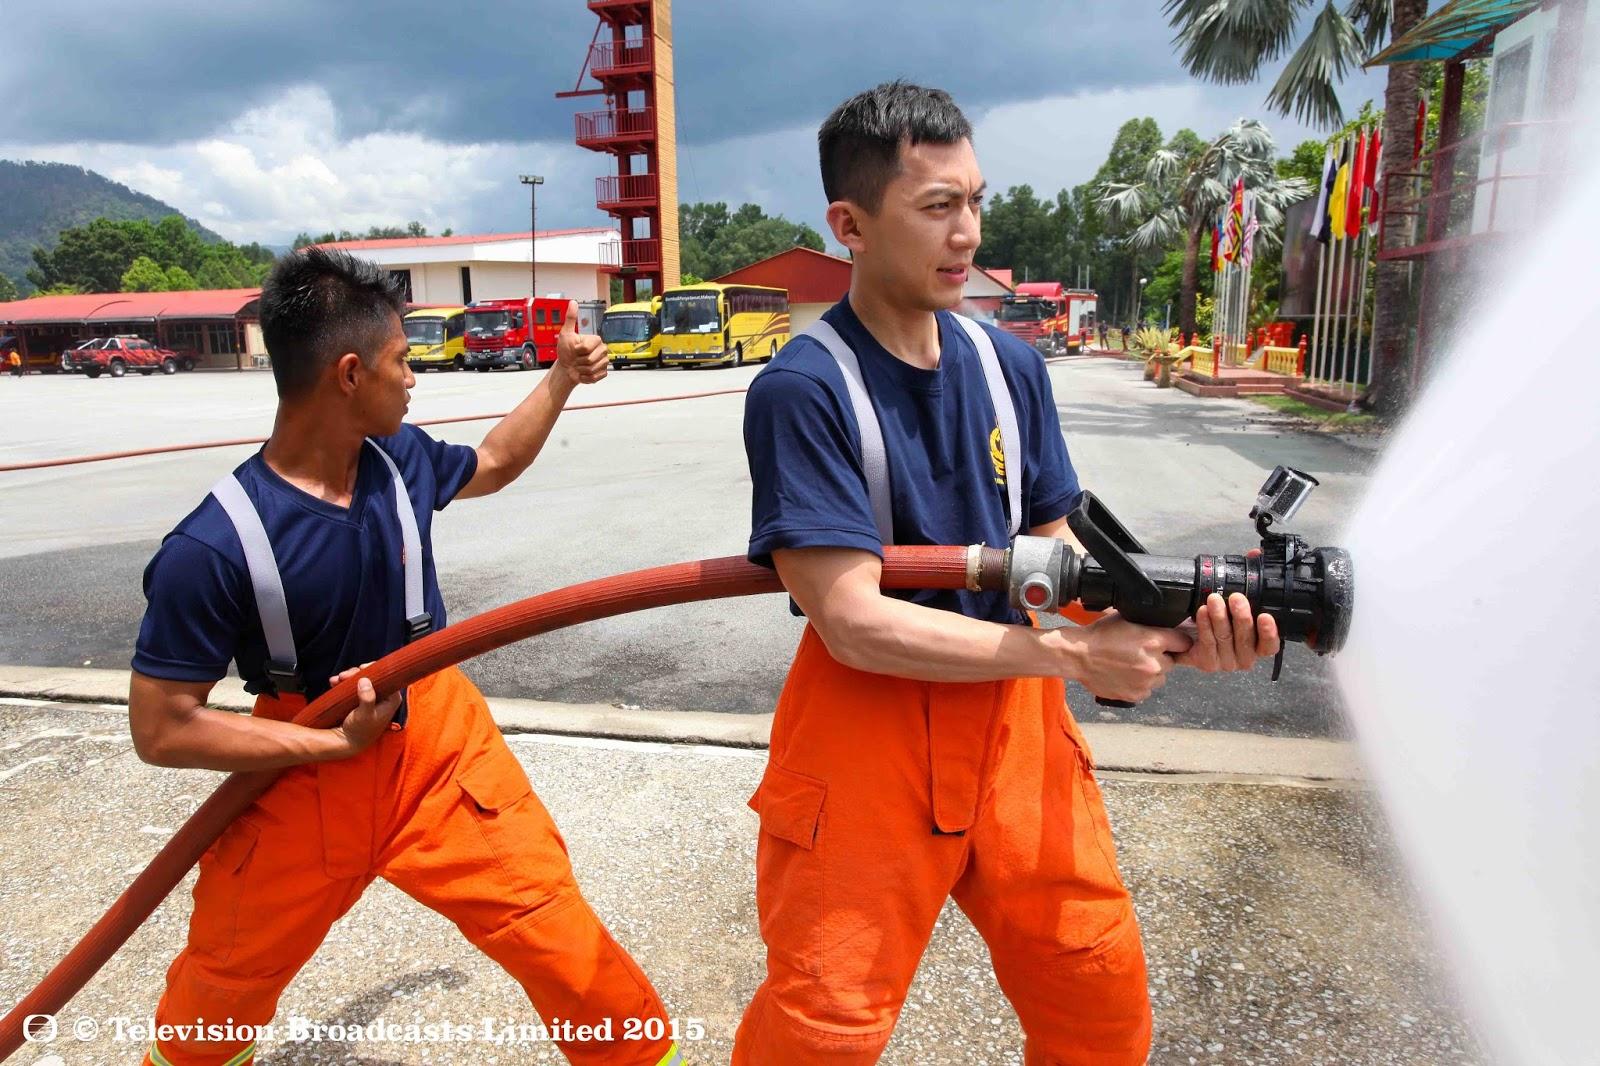 袁伟豪接受一连串训练,为实践消防员的工作作事前准备  - 《星级健康3之星梦成真》